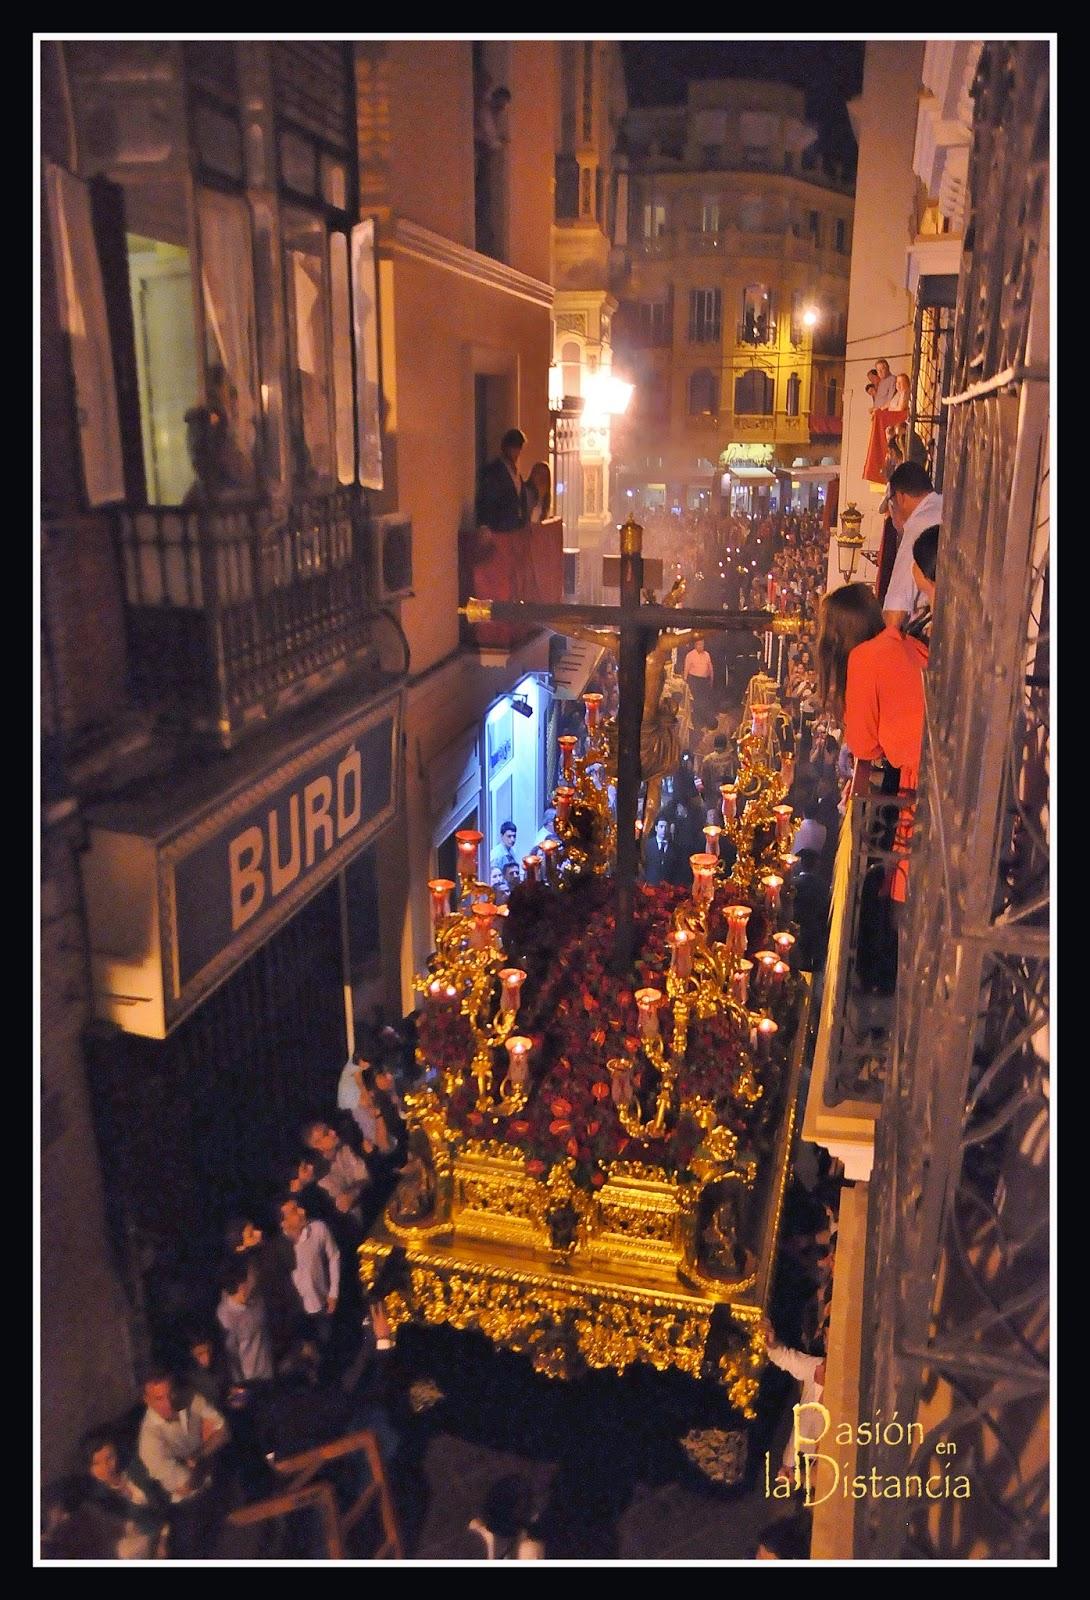 Cristo-Buen-Fin-calles-estrechas-Sevilla-Semana-Santa